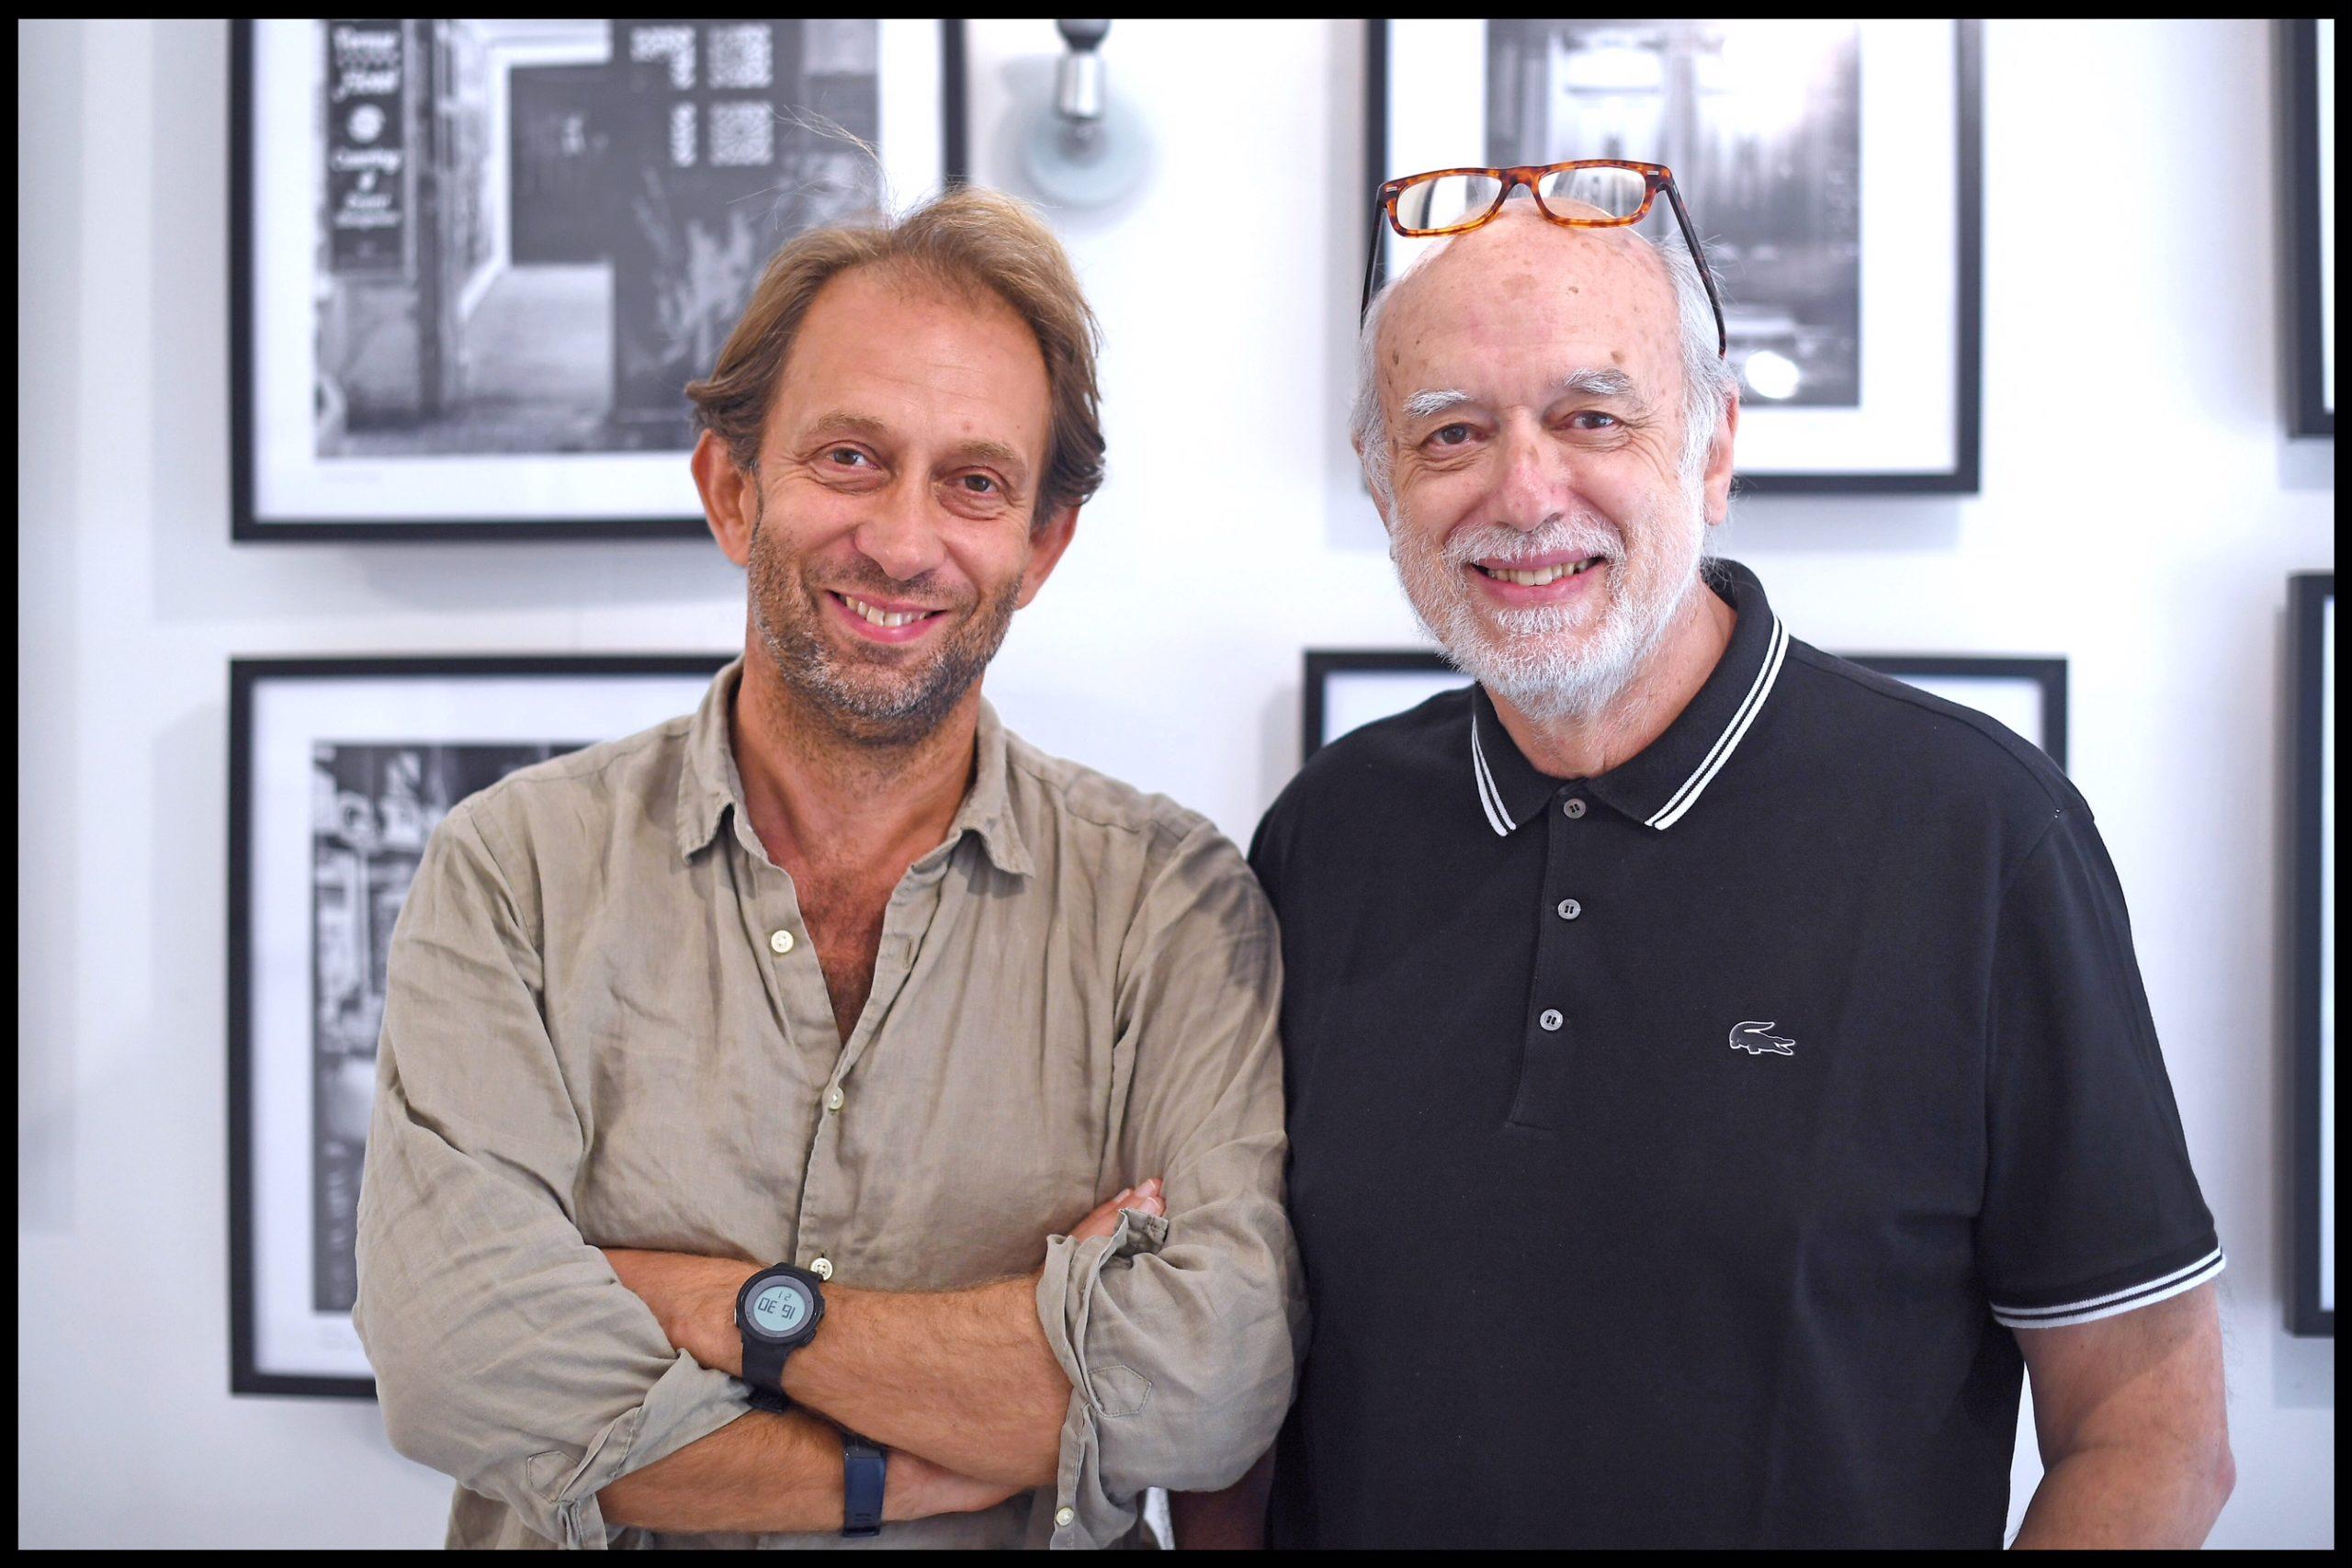 Geoff Wilkinson & Stefan Rousseau